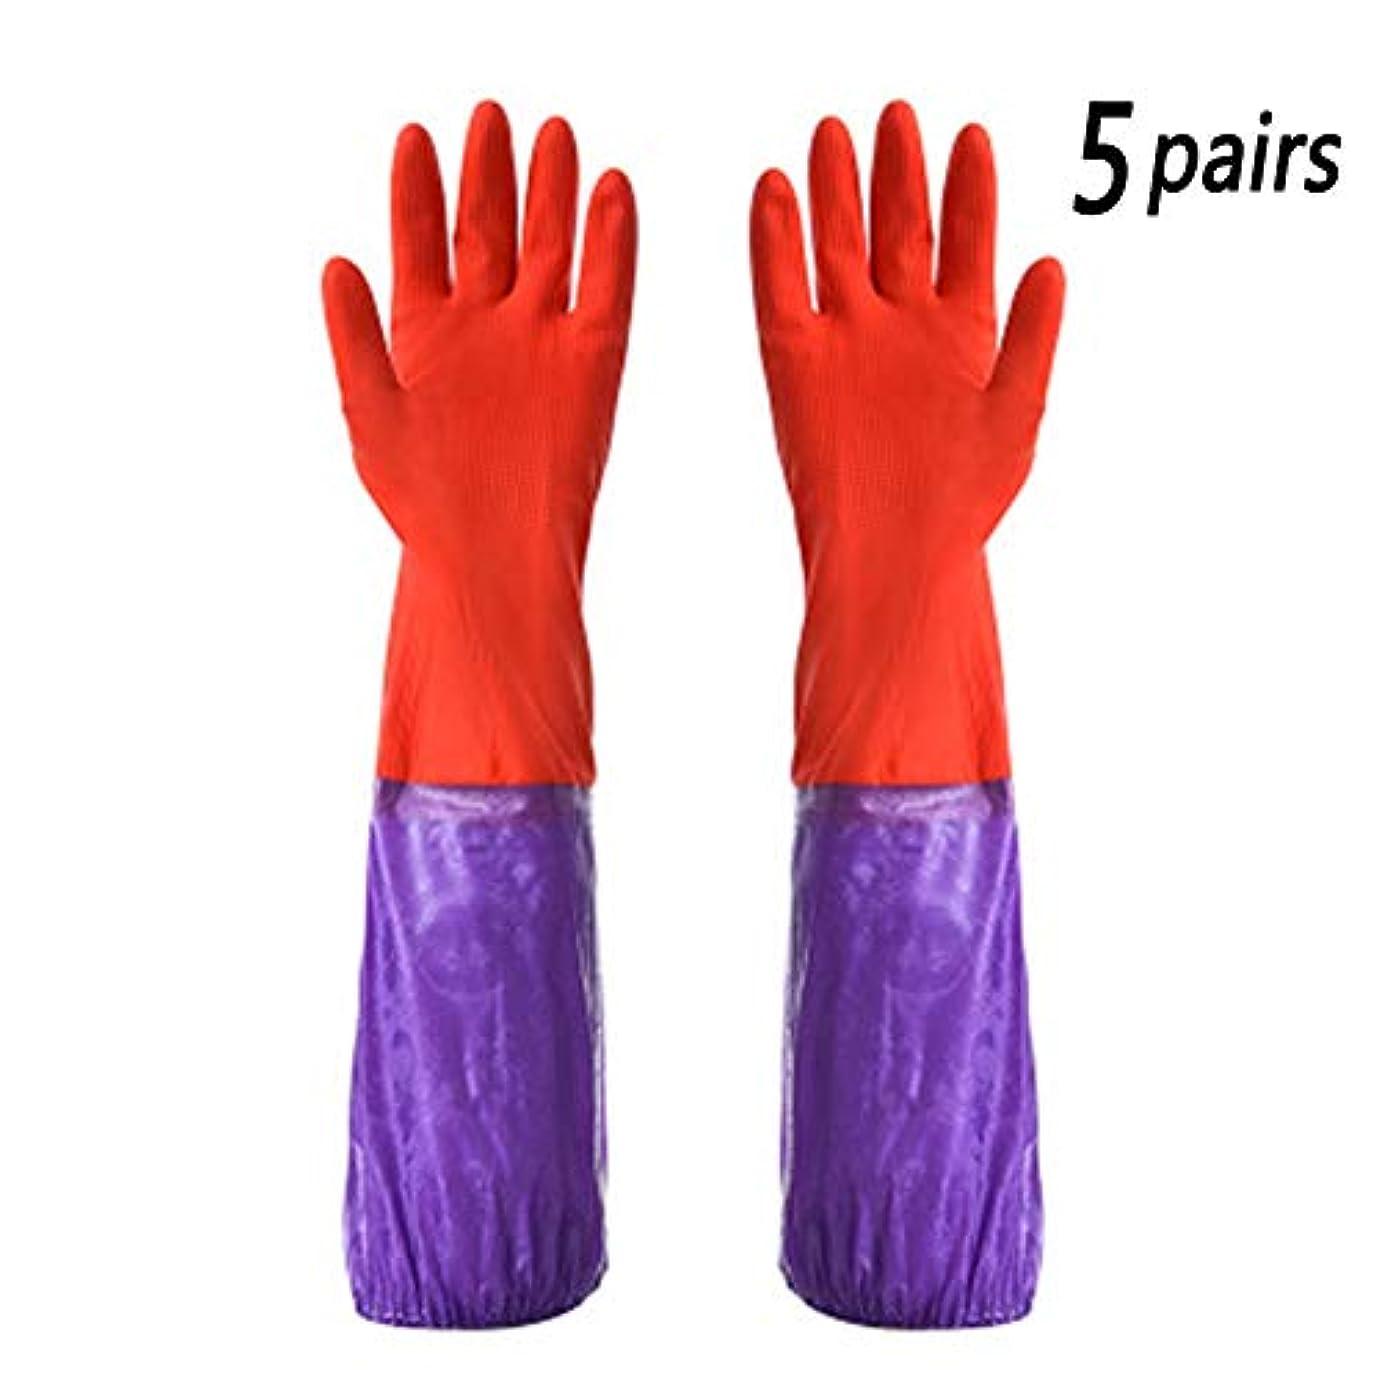 神箱一致清掃用手袋 ラテックスグローブ 掃除 食器洗い用手袋 厚く 滑り止め 防水無臭 再利用 キッチン 家庭用